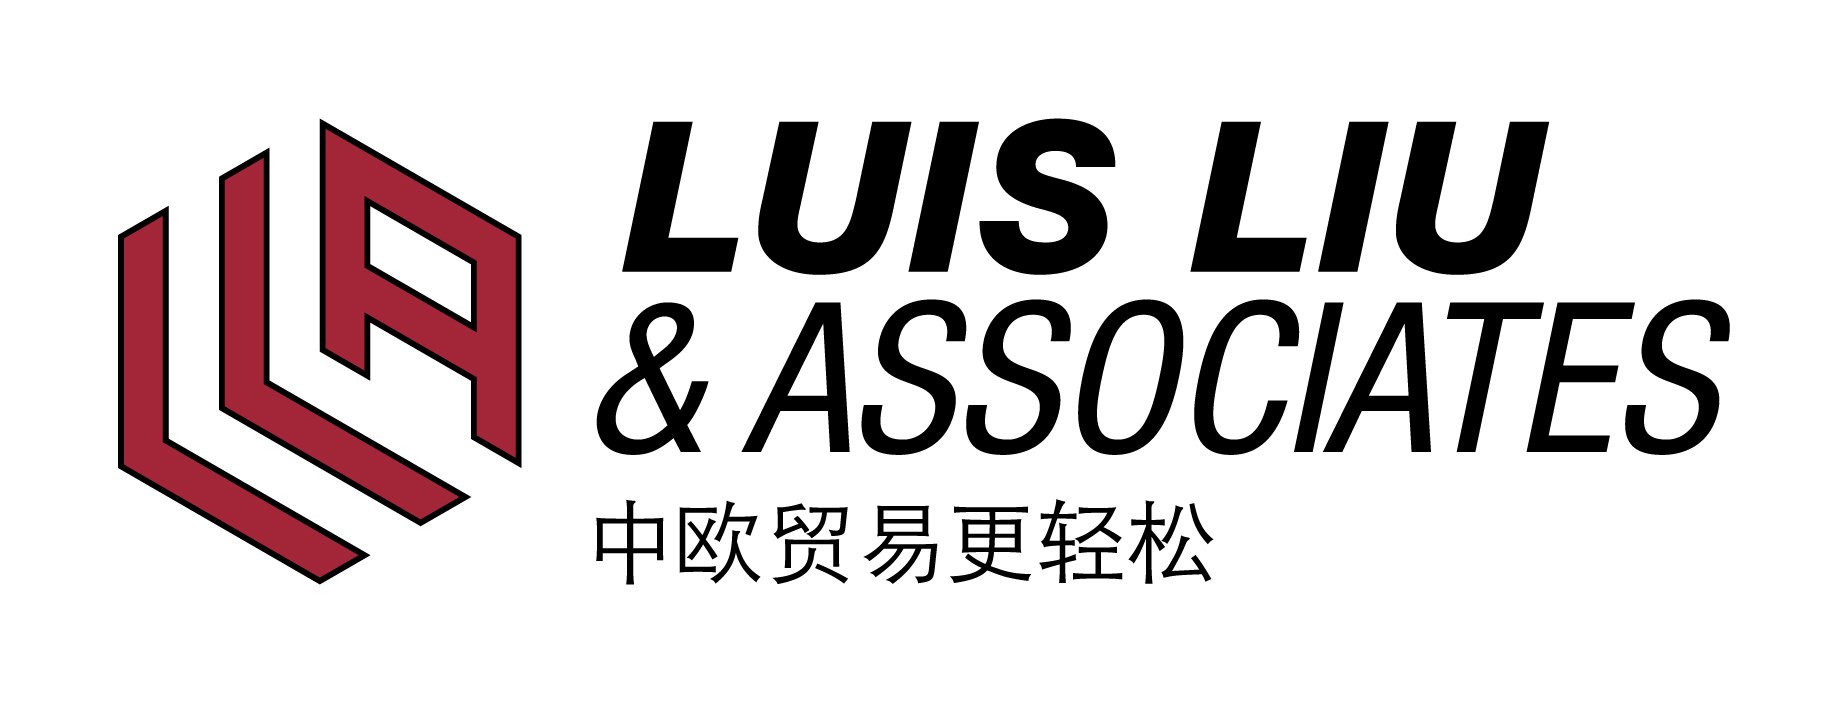 Luis Liu & Associates